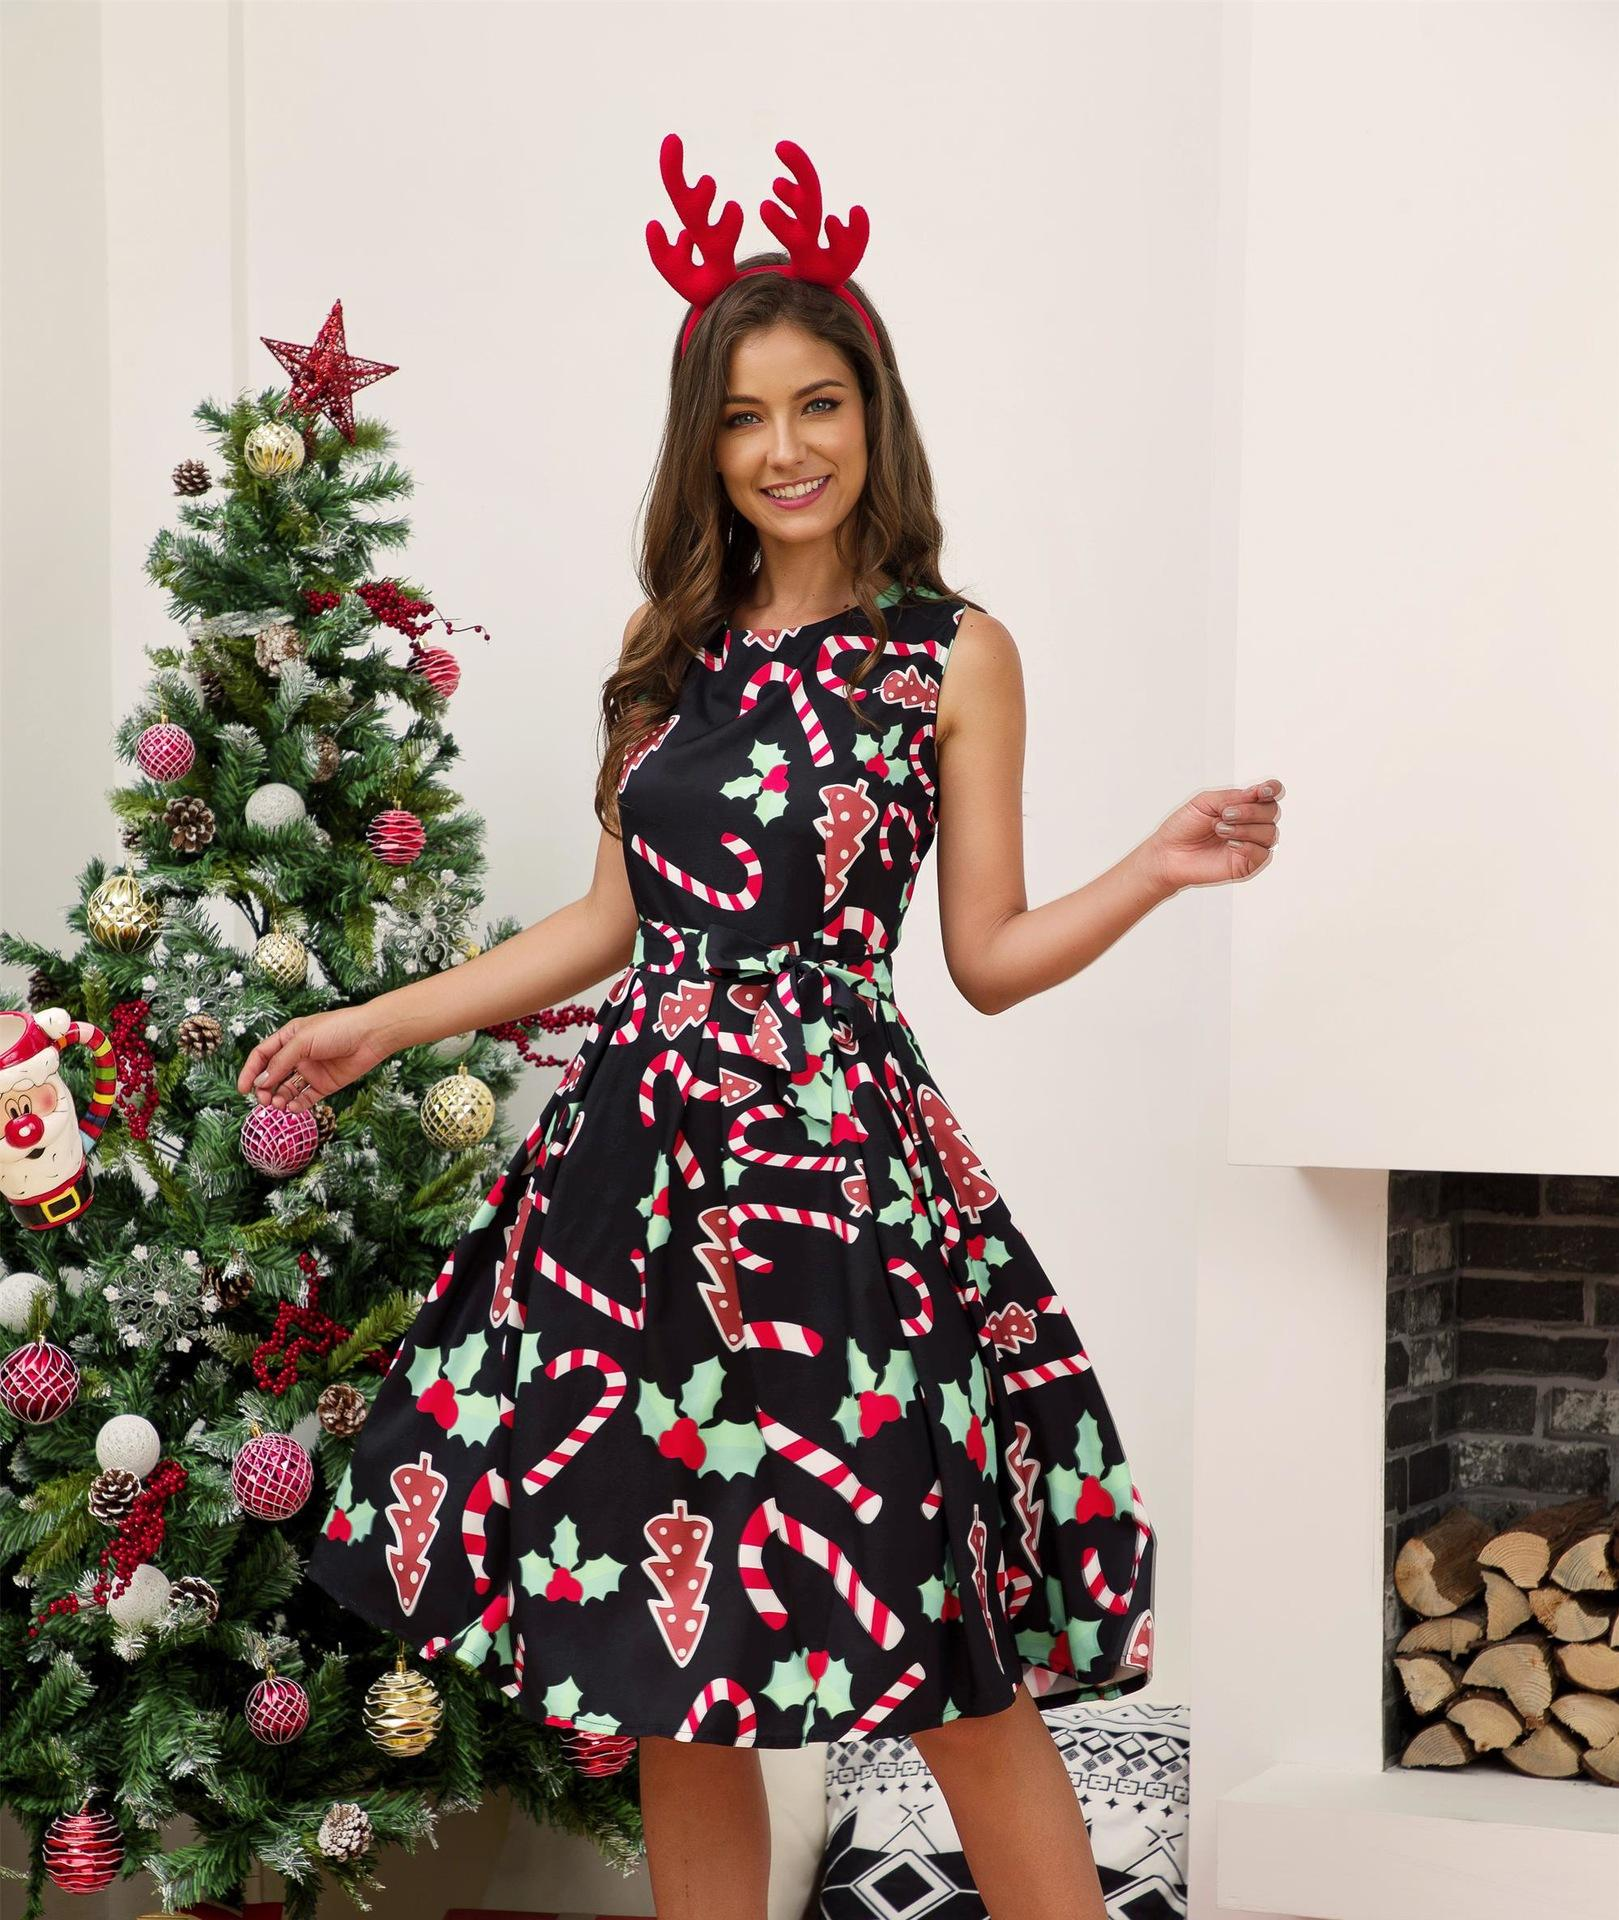 Femmes Robe de Noël de Noël Imprimer Party Vintage manches taille haute Robe Swing D08E